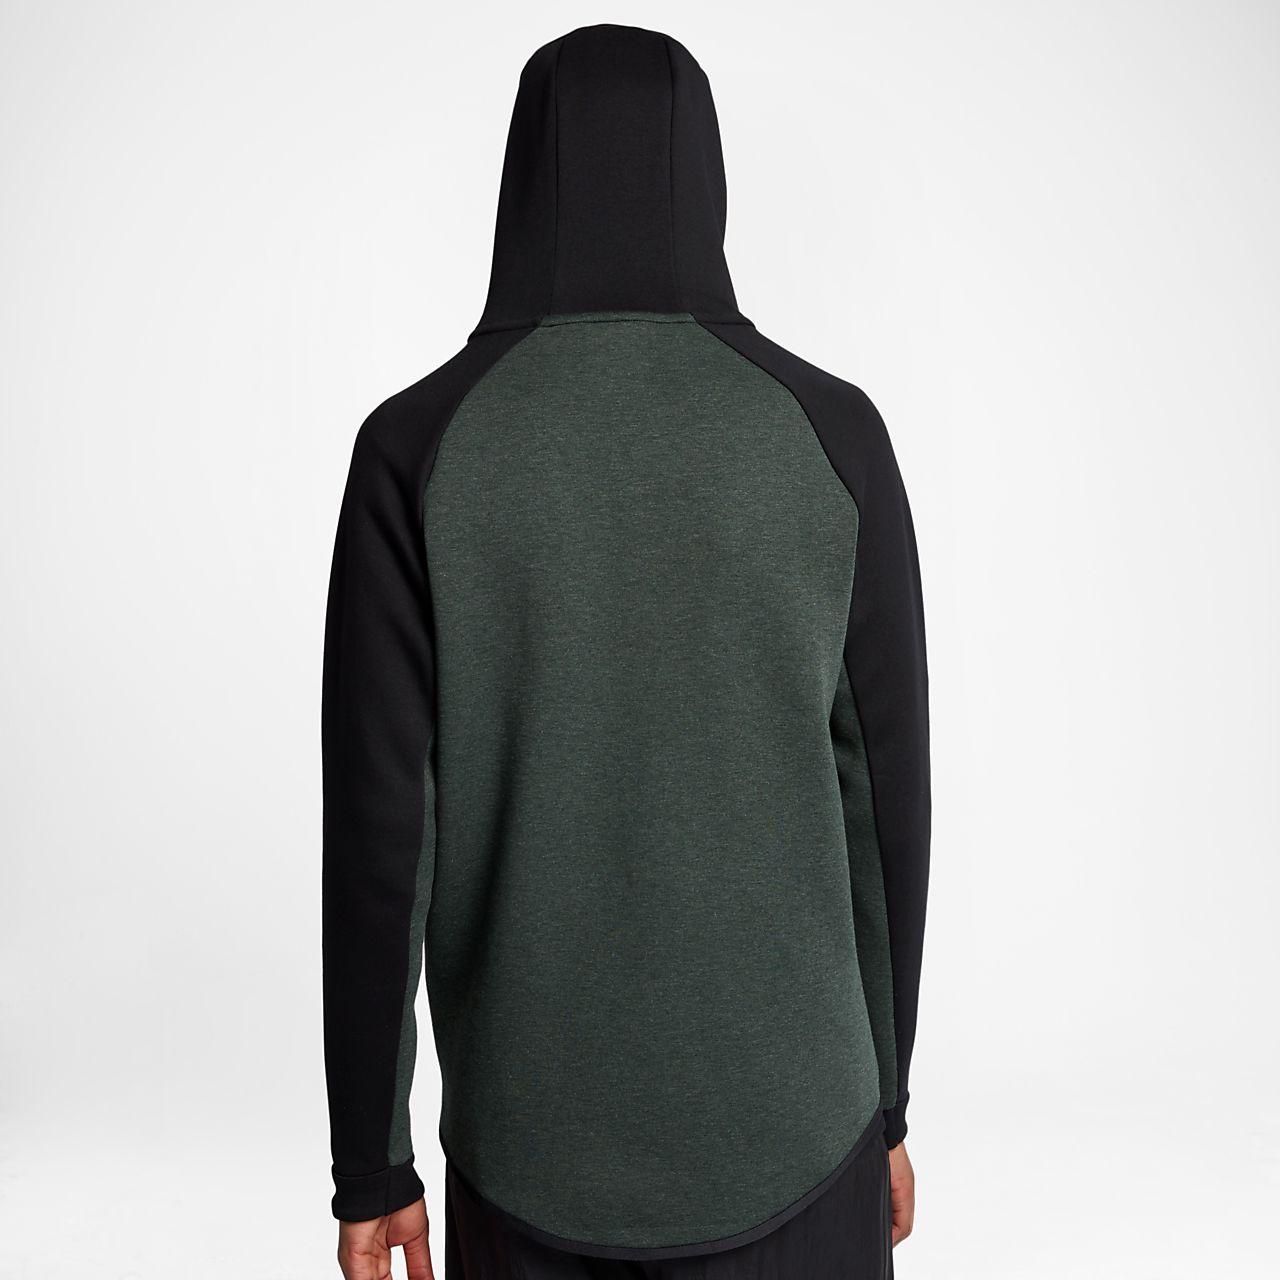 c6693f904ec5 Nike Sportswear Tech Fleece Windrunner Men s Full-Zip Hoodie. Nike ...